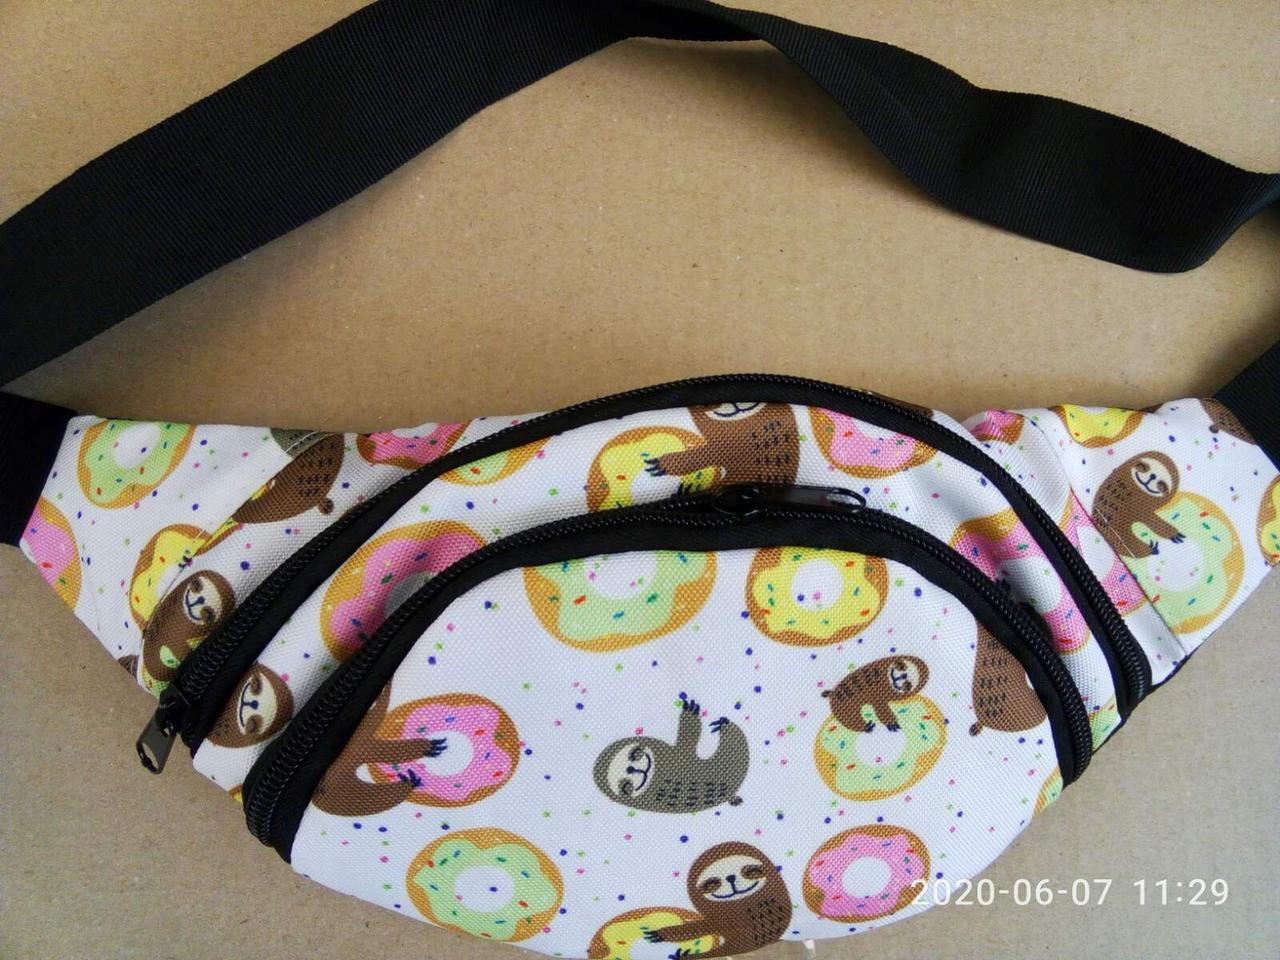 Поясная сумка Бананка сумка на пояс тканевая с ярким принтом молодежная